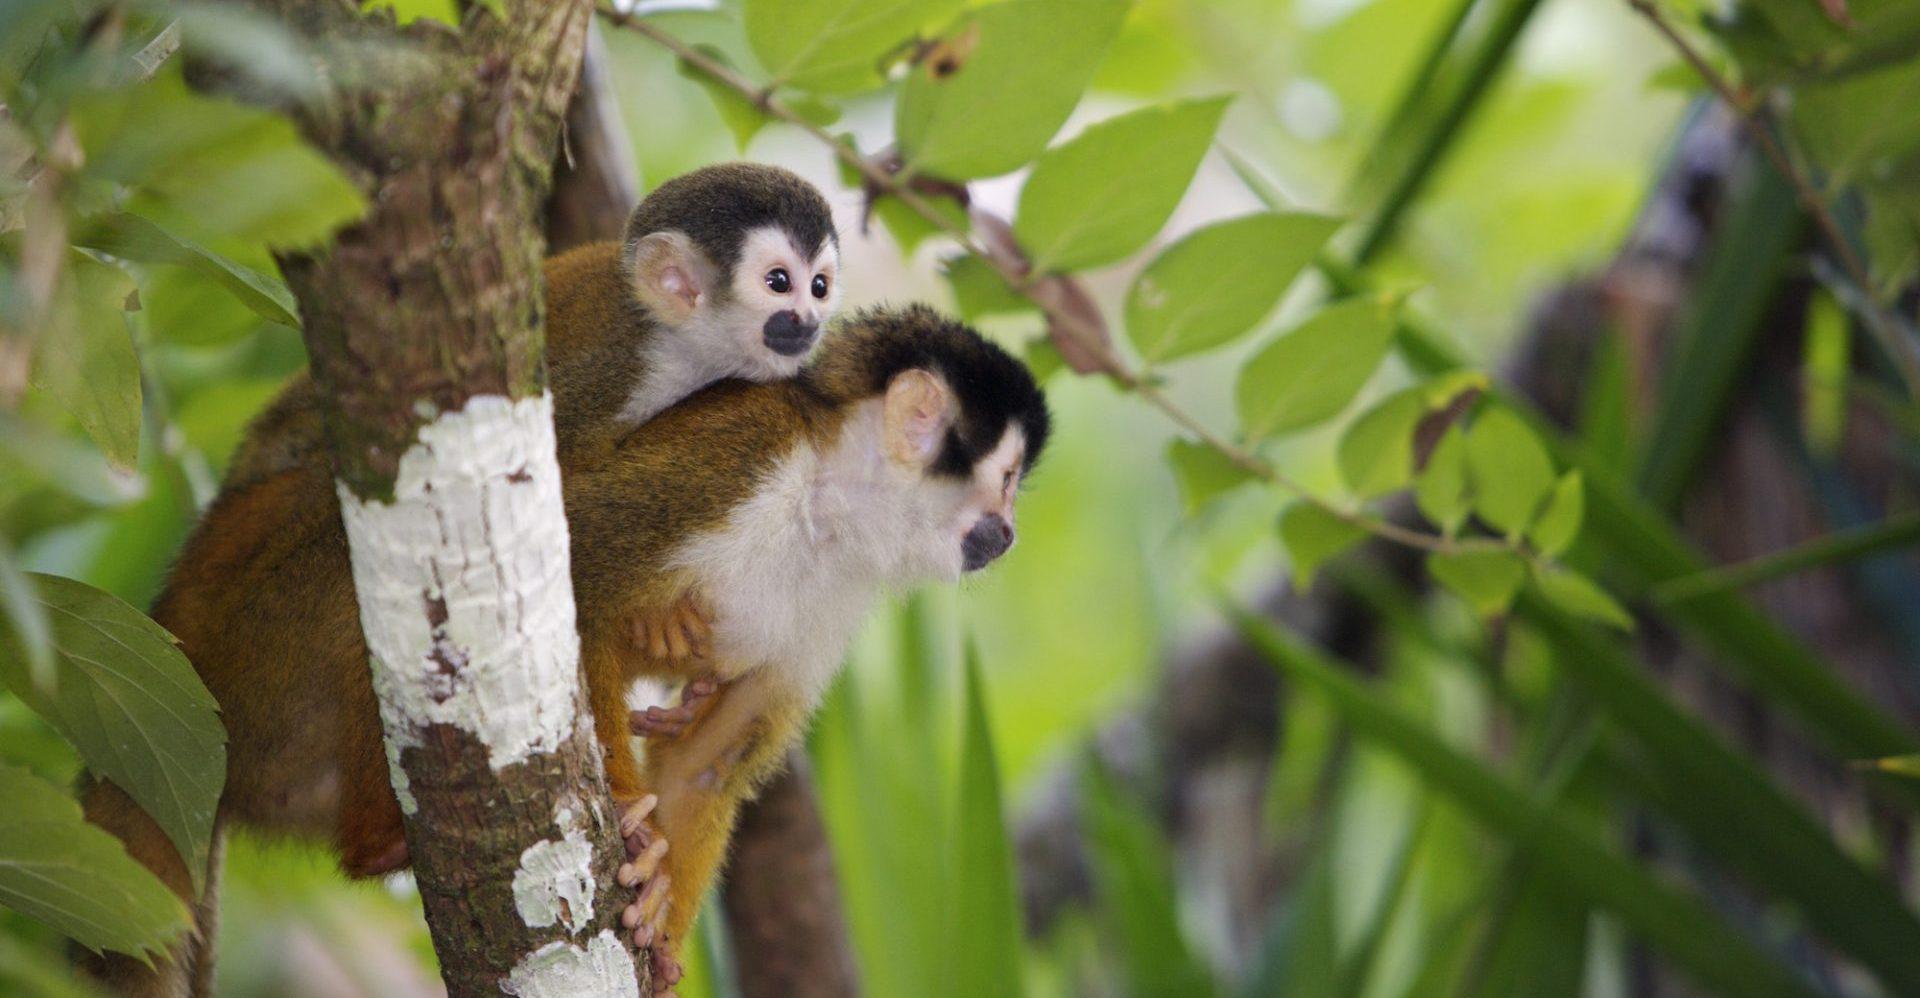 Costa Rica, Totenkopfäffchen, Affen im Dschungel, Latin America Tours, Reisen